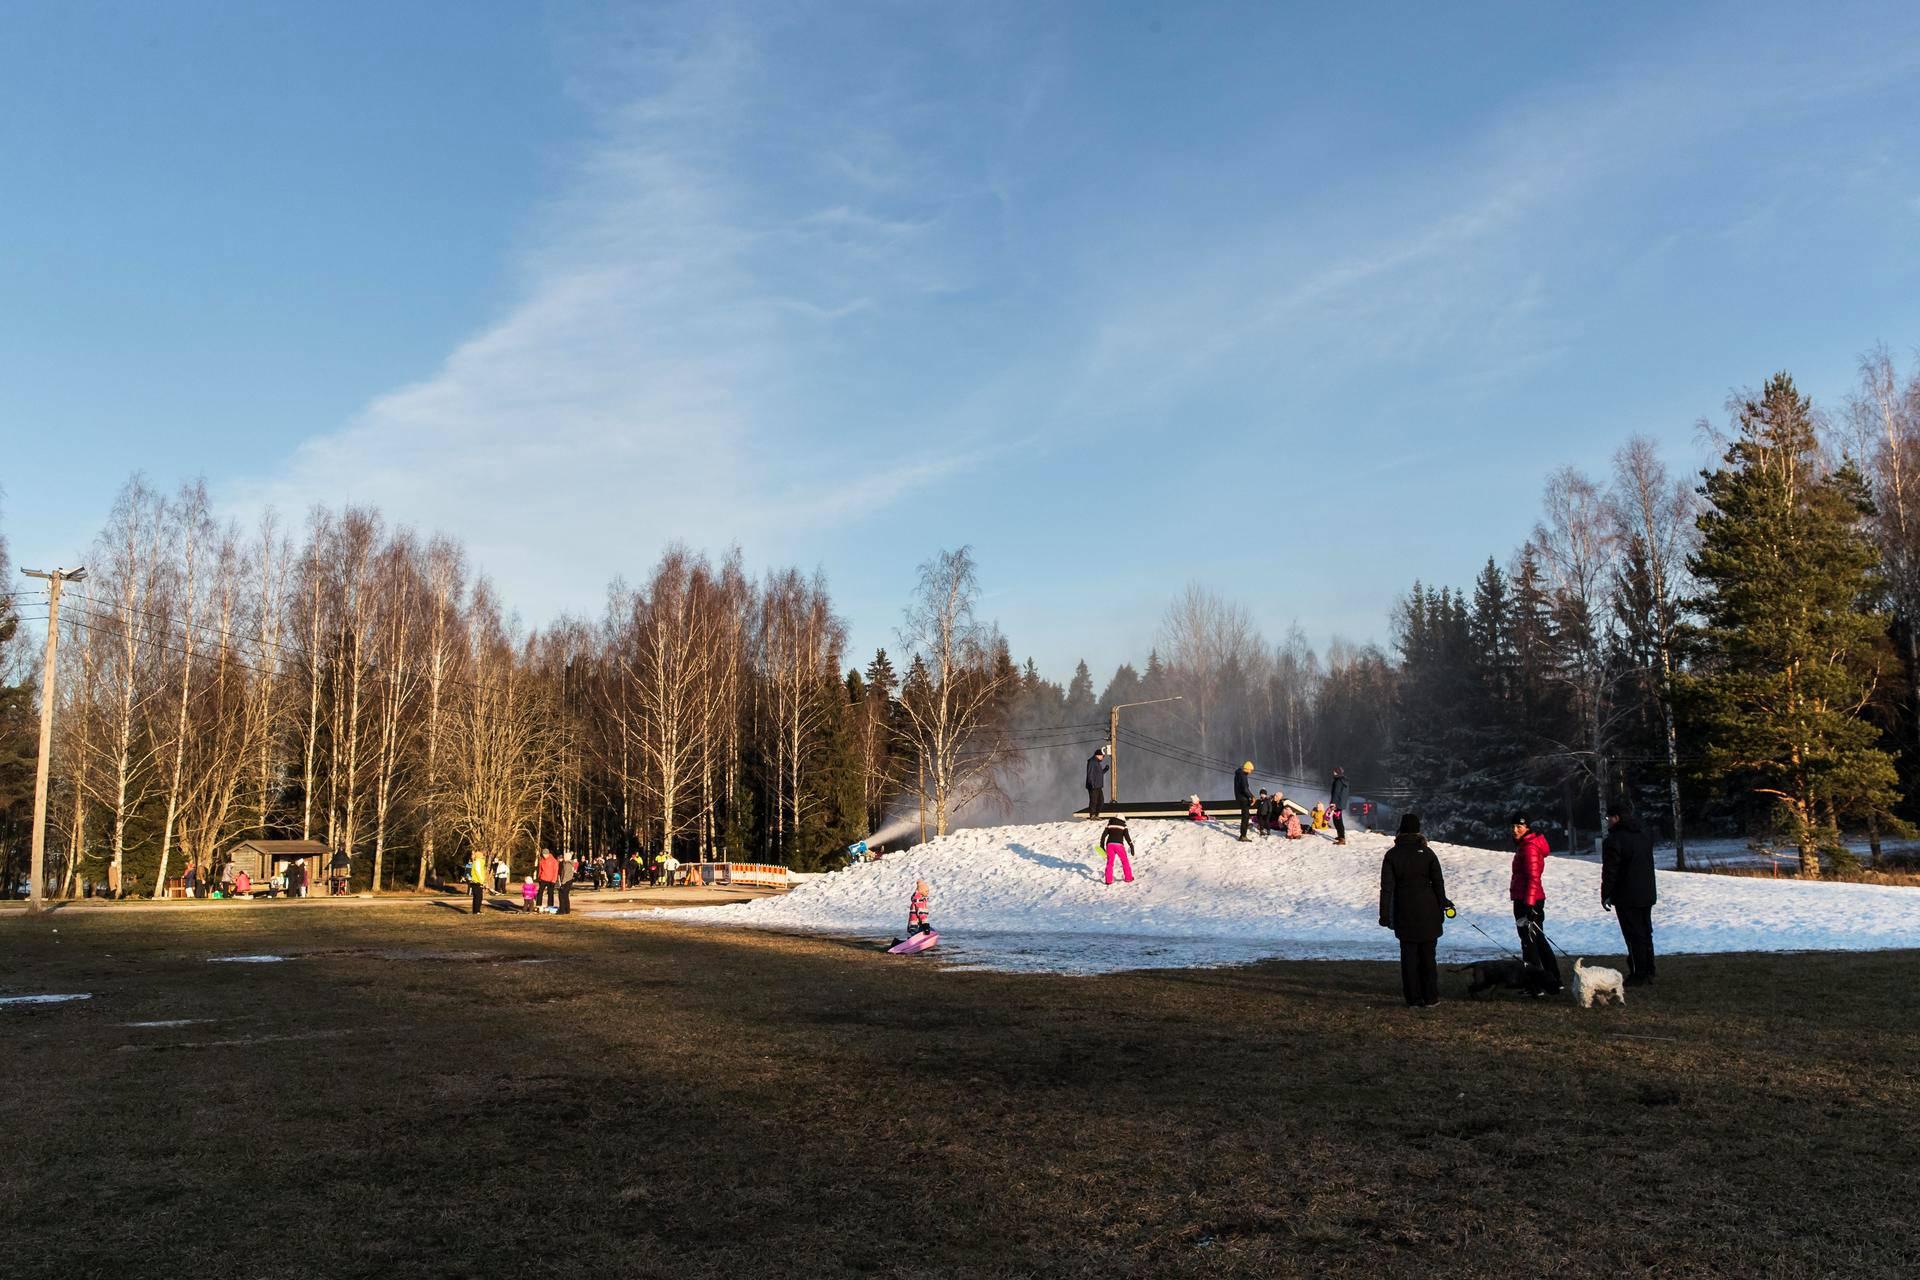 Espoon Oittaan tykkilumilatu oli viikonloppuna auki, ja hiihtolatujen kupeessa päästiin myös laskemaan mäkeä pienen tykkilumikasan päältä. Oittaa oli viikonloppuna yksi harvoista  auki olevista pääkaupunkiseudun ulkoladuista.